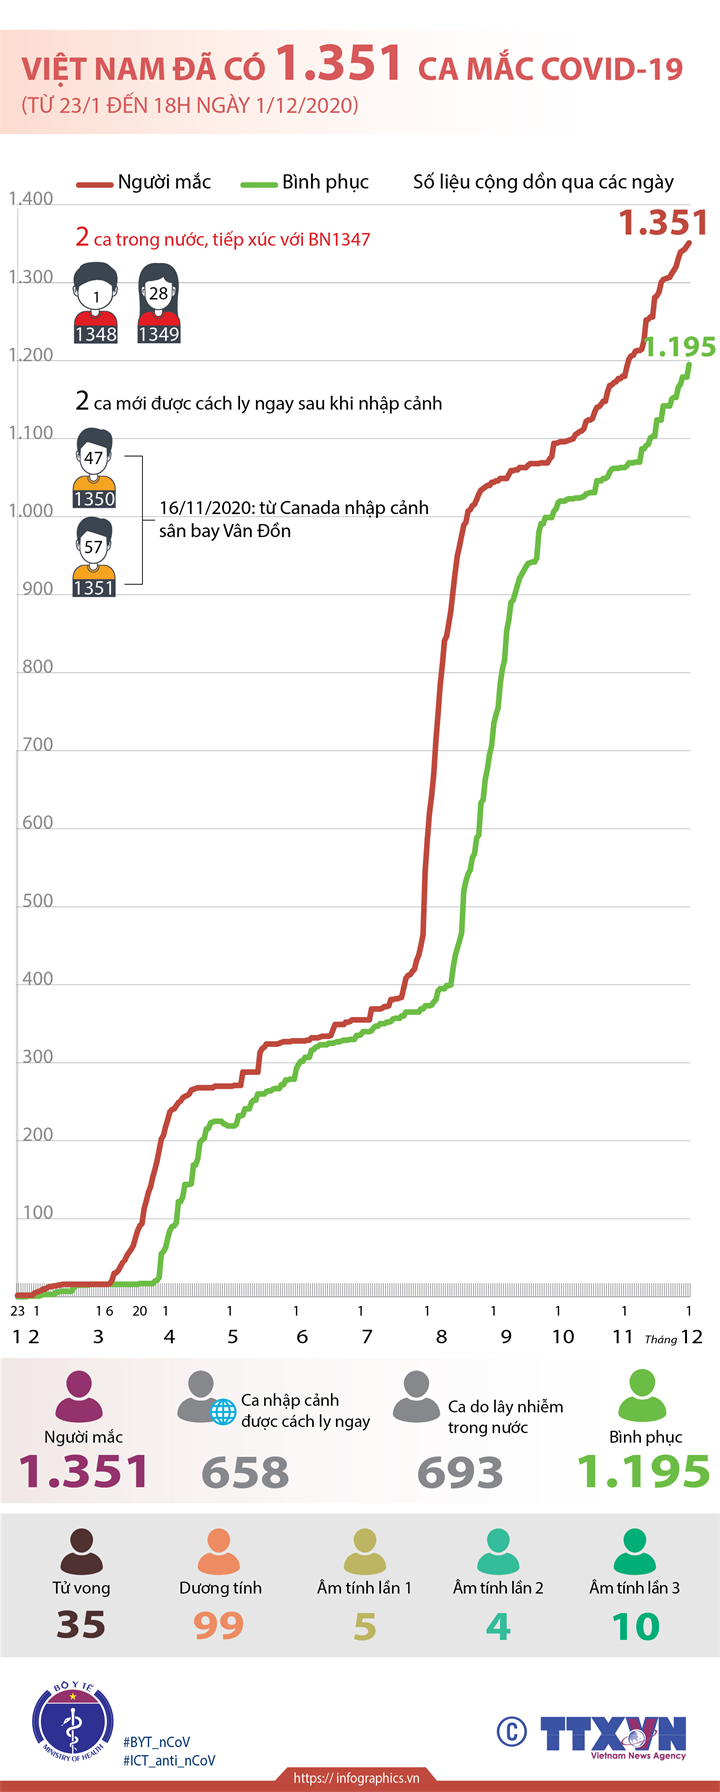 Việt Nam đã có 1.351 ca mắc COVID-19 (từ 23/1 đến 18h ngày 1/12/2020)